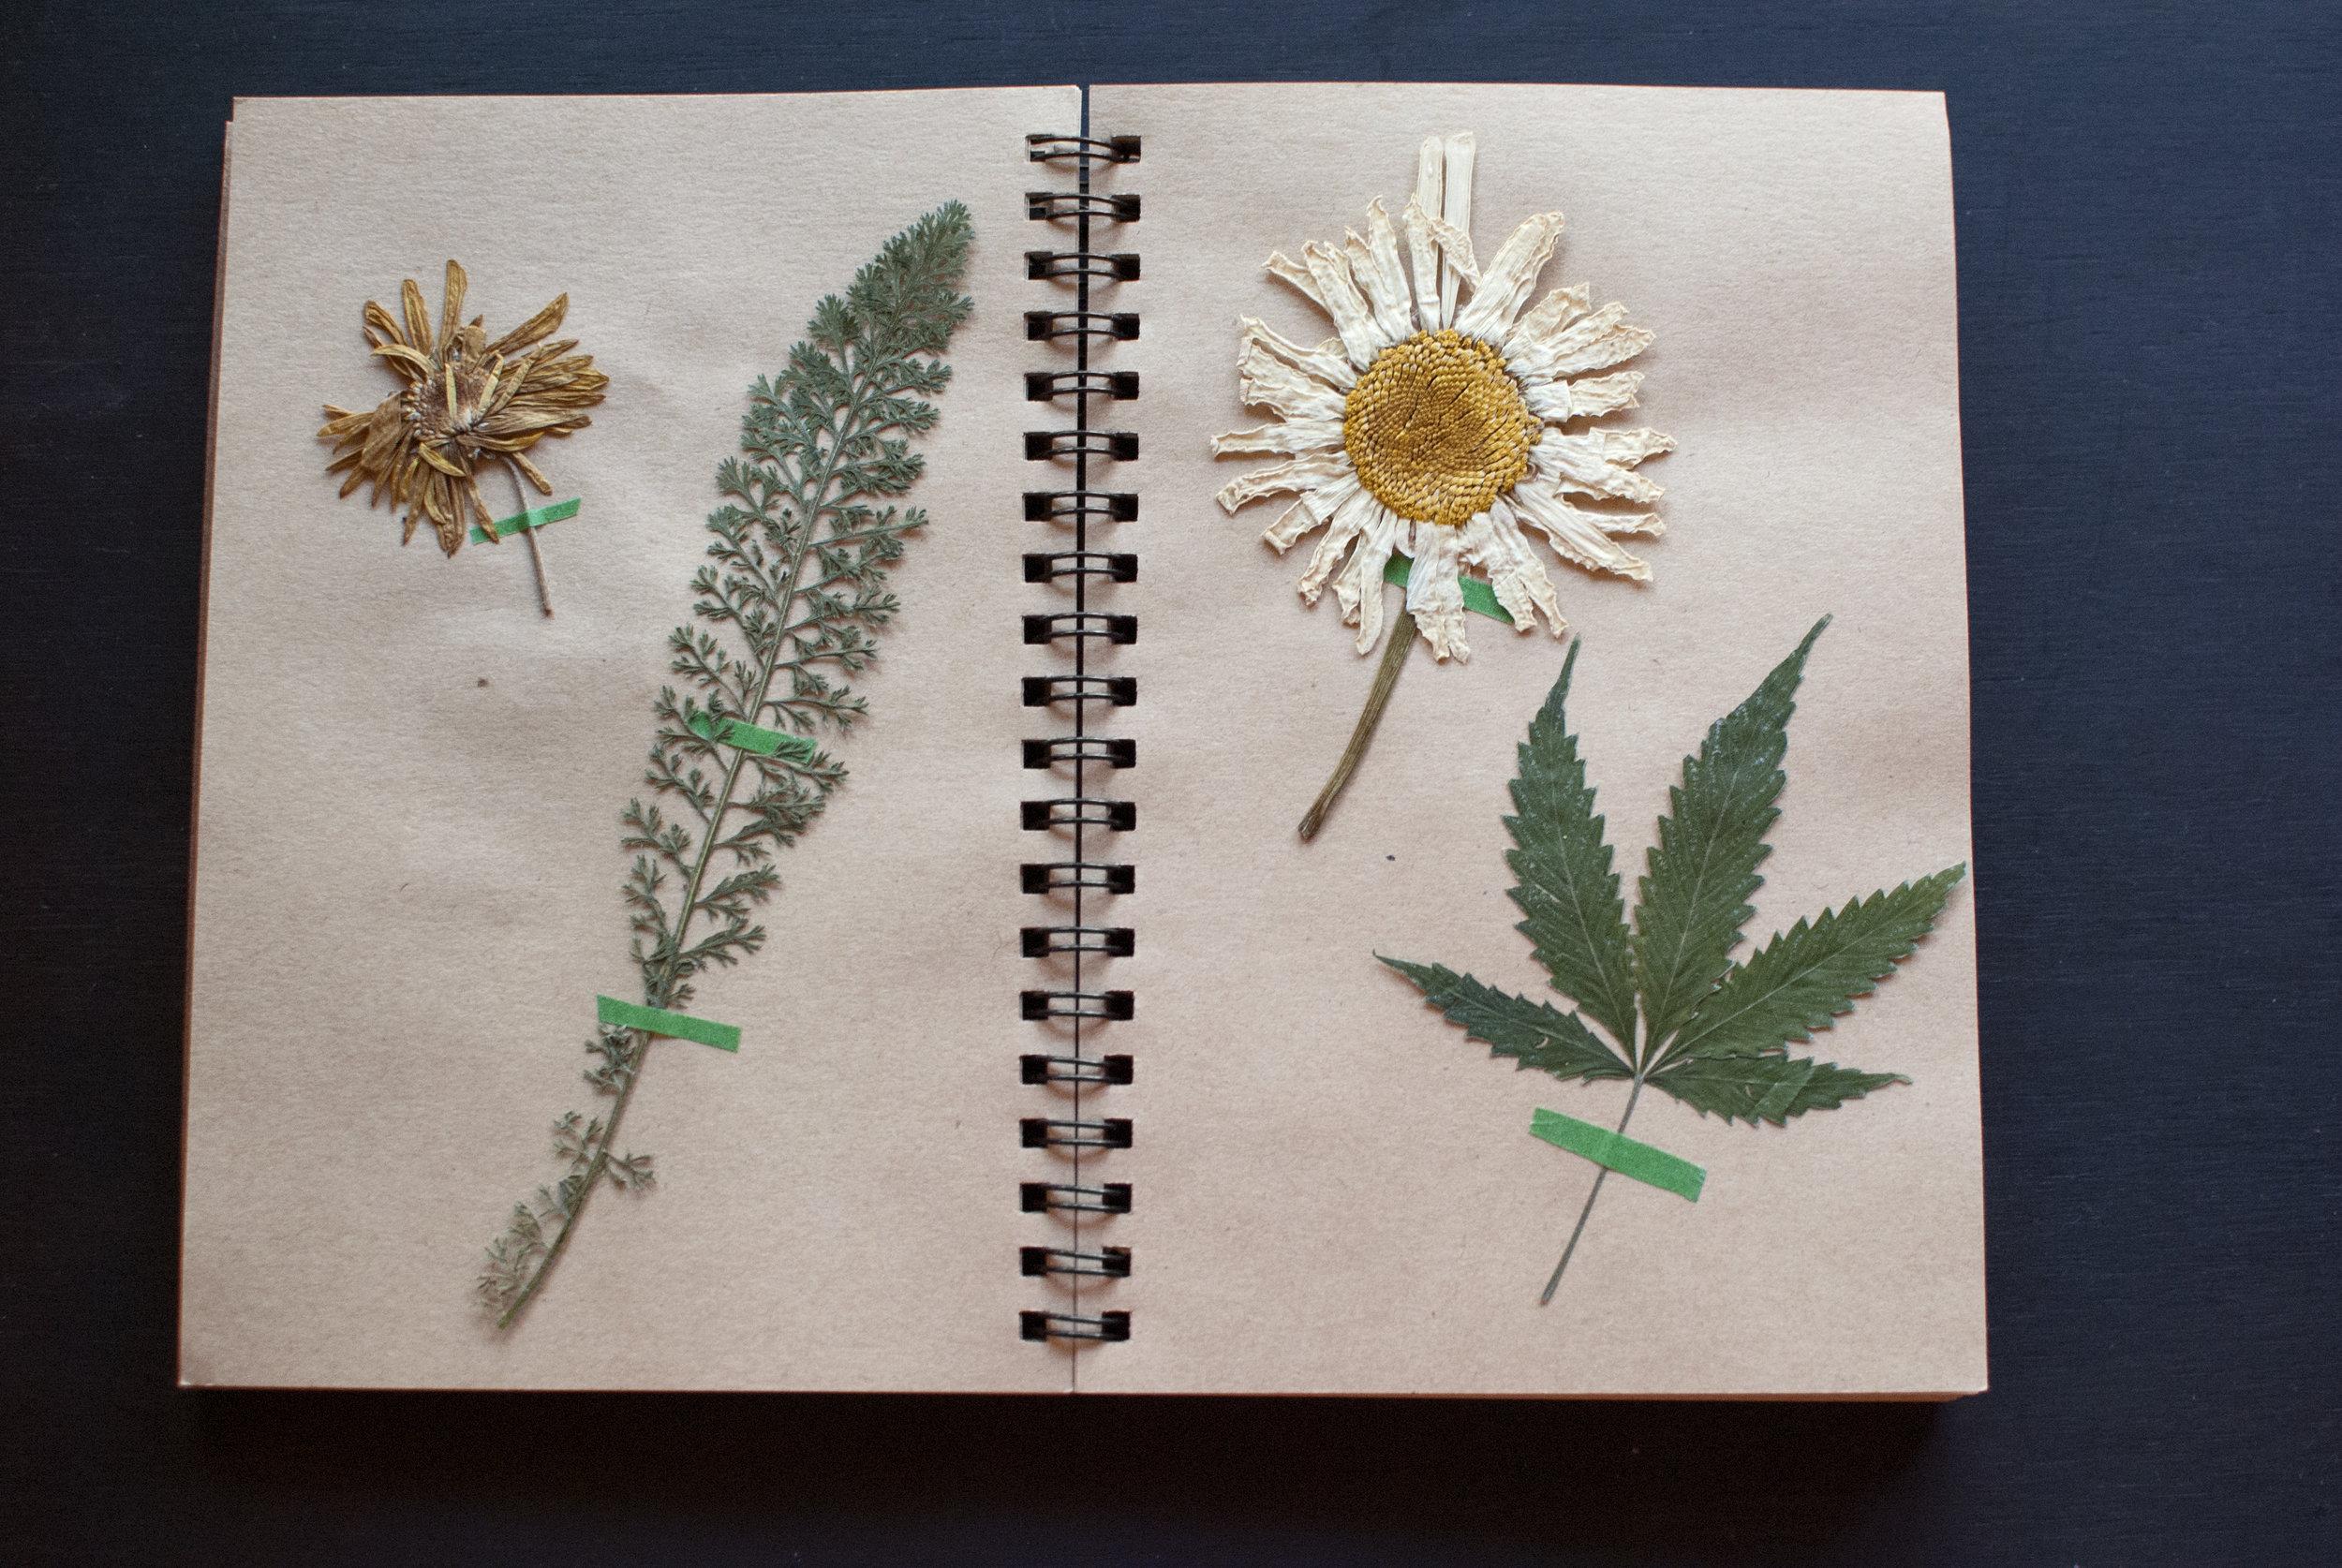 flowerbook_page2.jpg